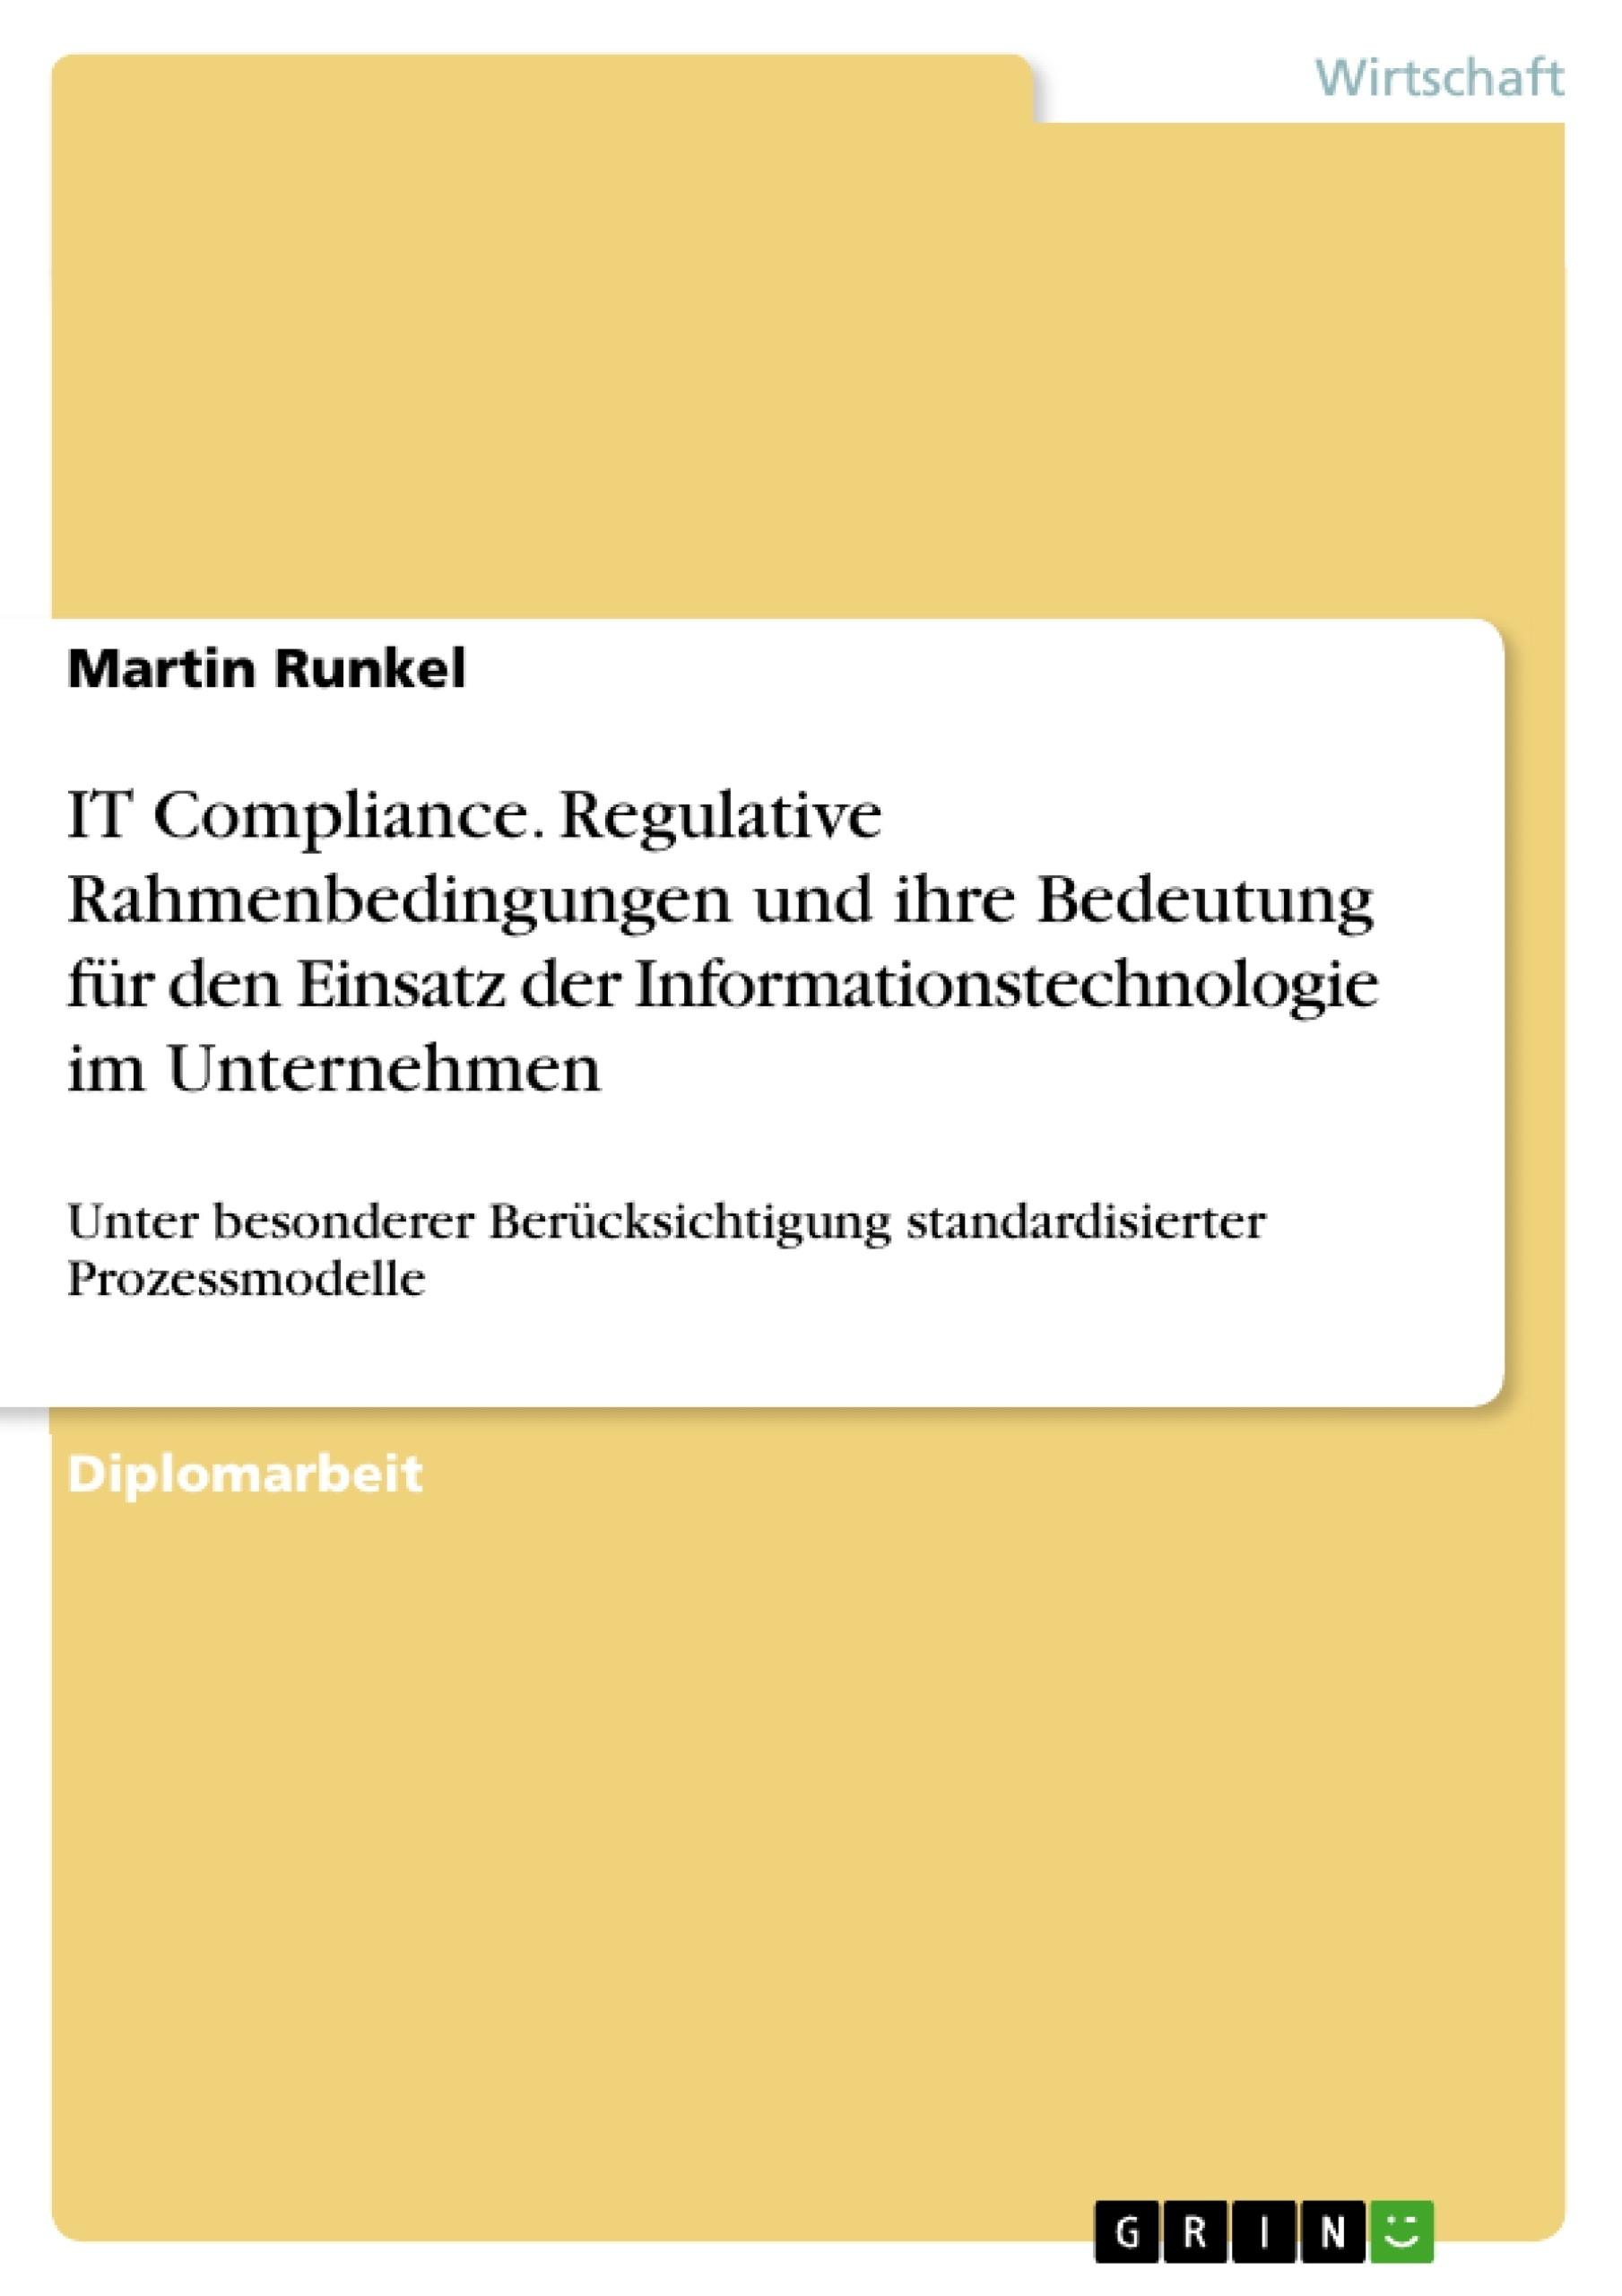 Titel: IT Compliance. Regulative Rahmenbedingungen und ihre Bedeutung für den Einsatz der Informationstechnologie im Unternehmen